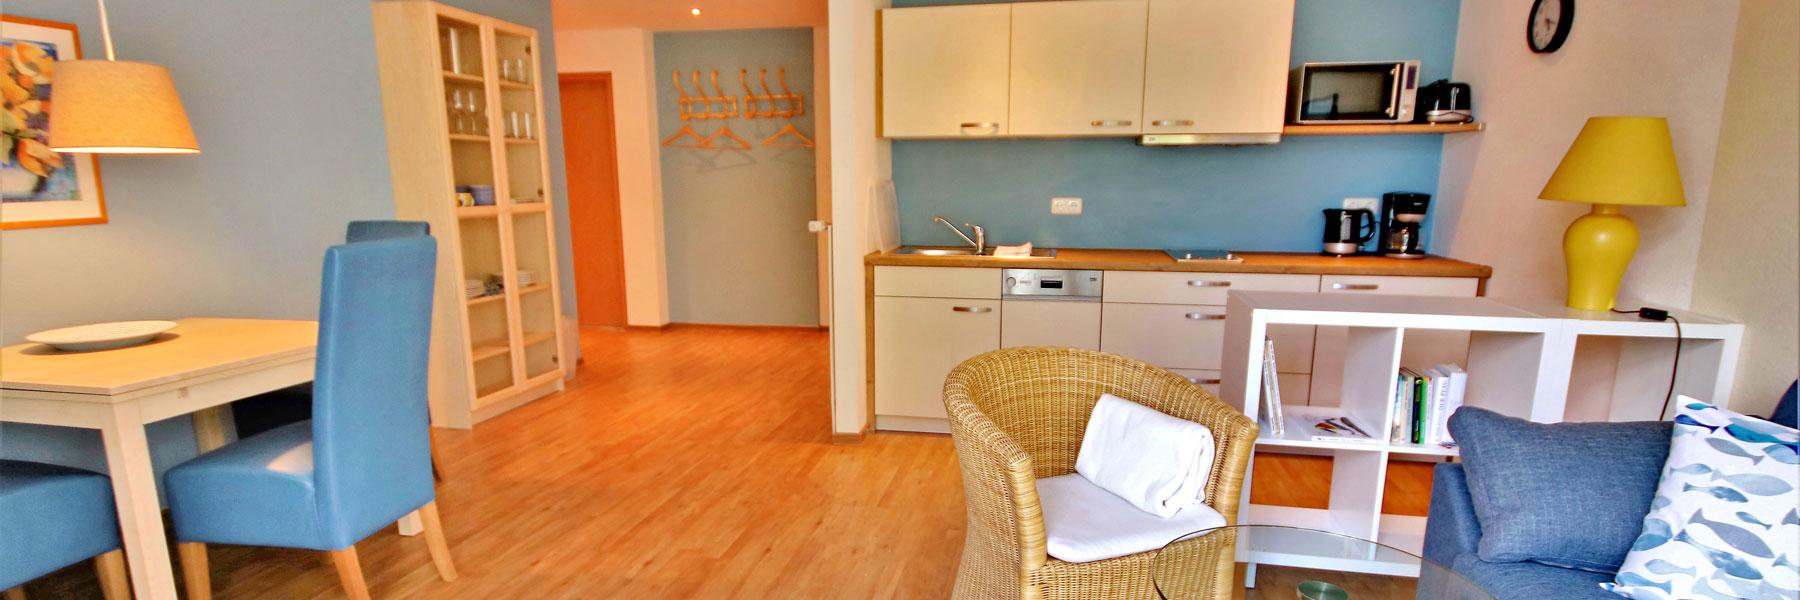 Wohnungsansicht - KIWI Ferienwohnungen am Dreier See